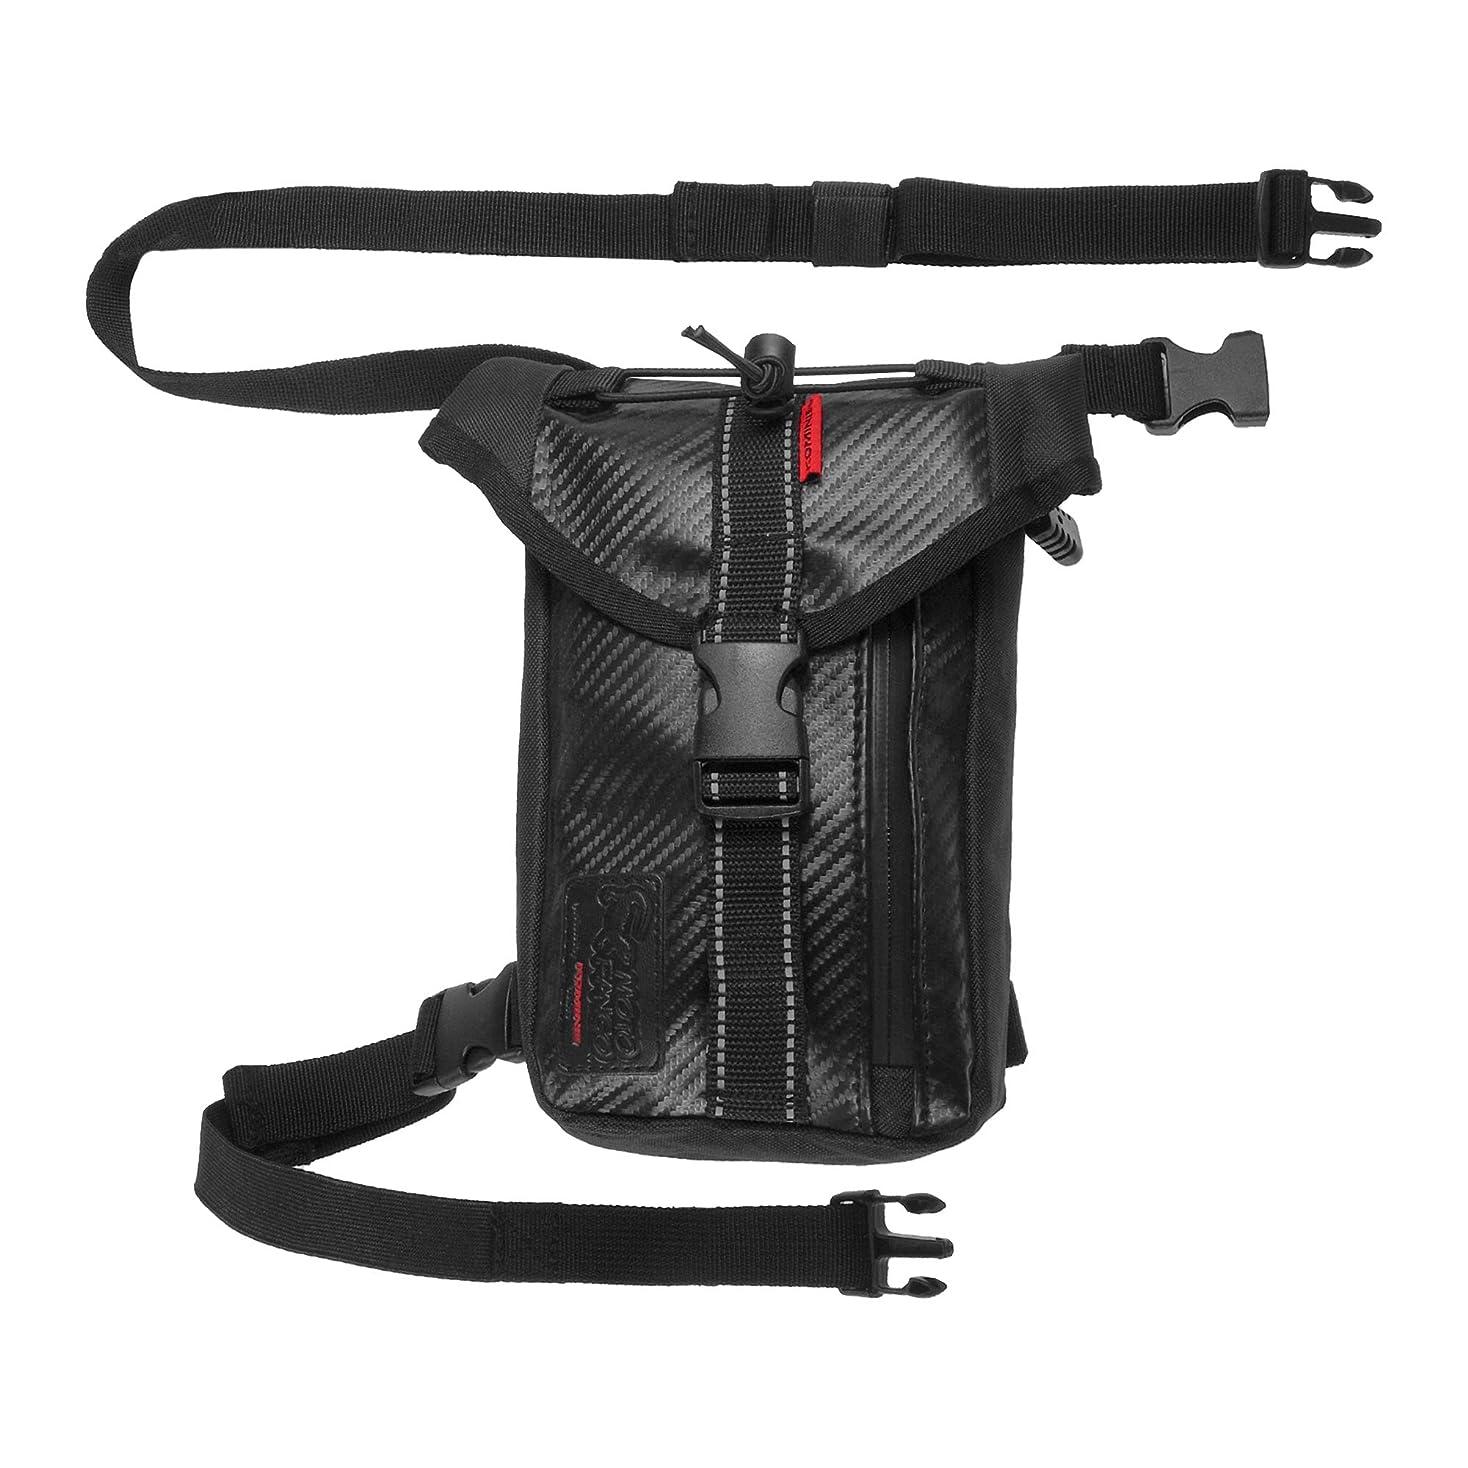 素子堤防アスペクトタナックス(TANAX) Wデッキシートバッグ モトフィズ(MOTOFIZZ) ブラック MFK-139(可変容量18-28?)